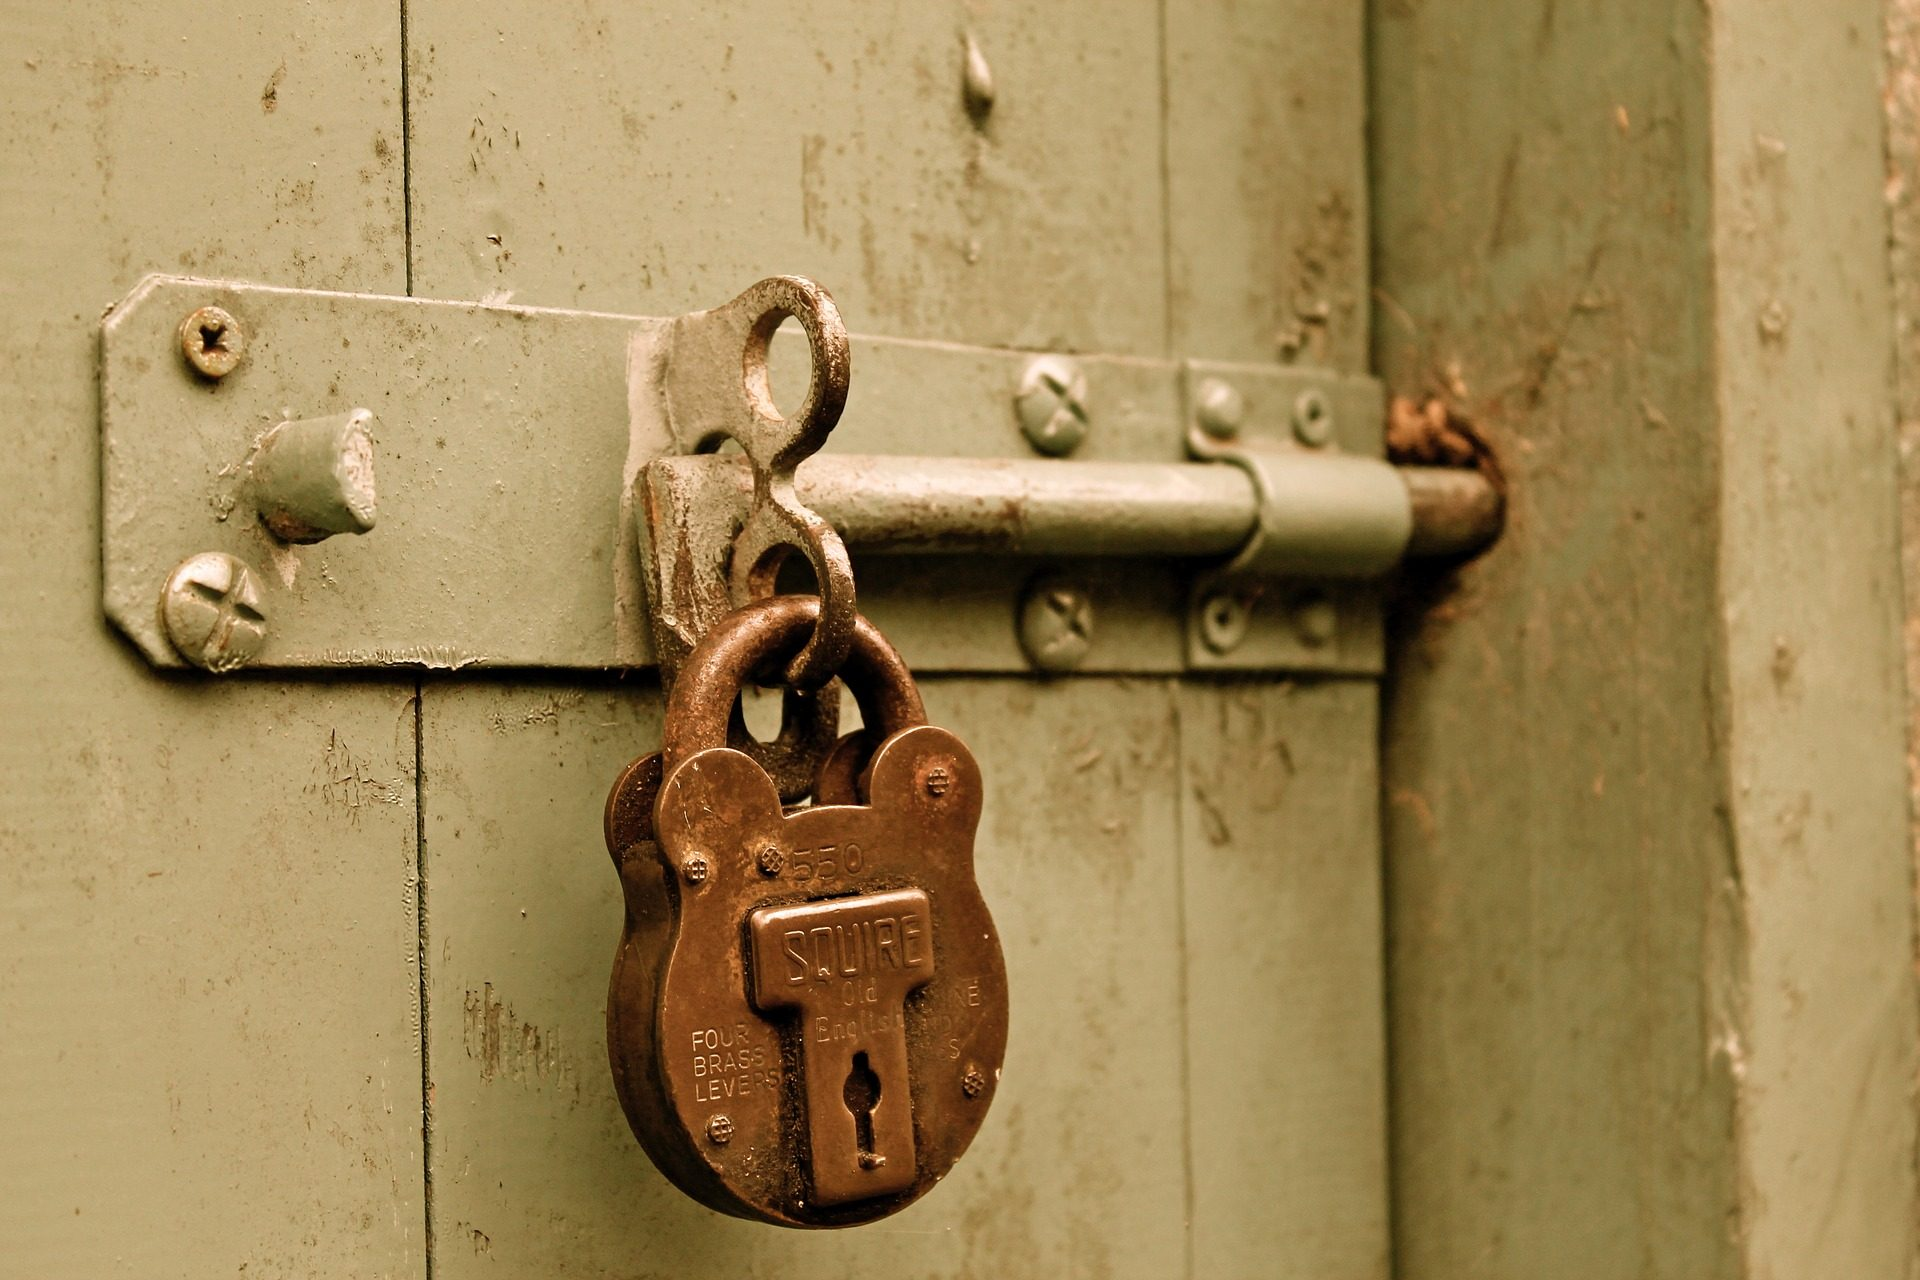 门, 锁, 螺栓, 挂锁, antiguo, 老 - 高清壁纸 - 教授-falken.com